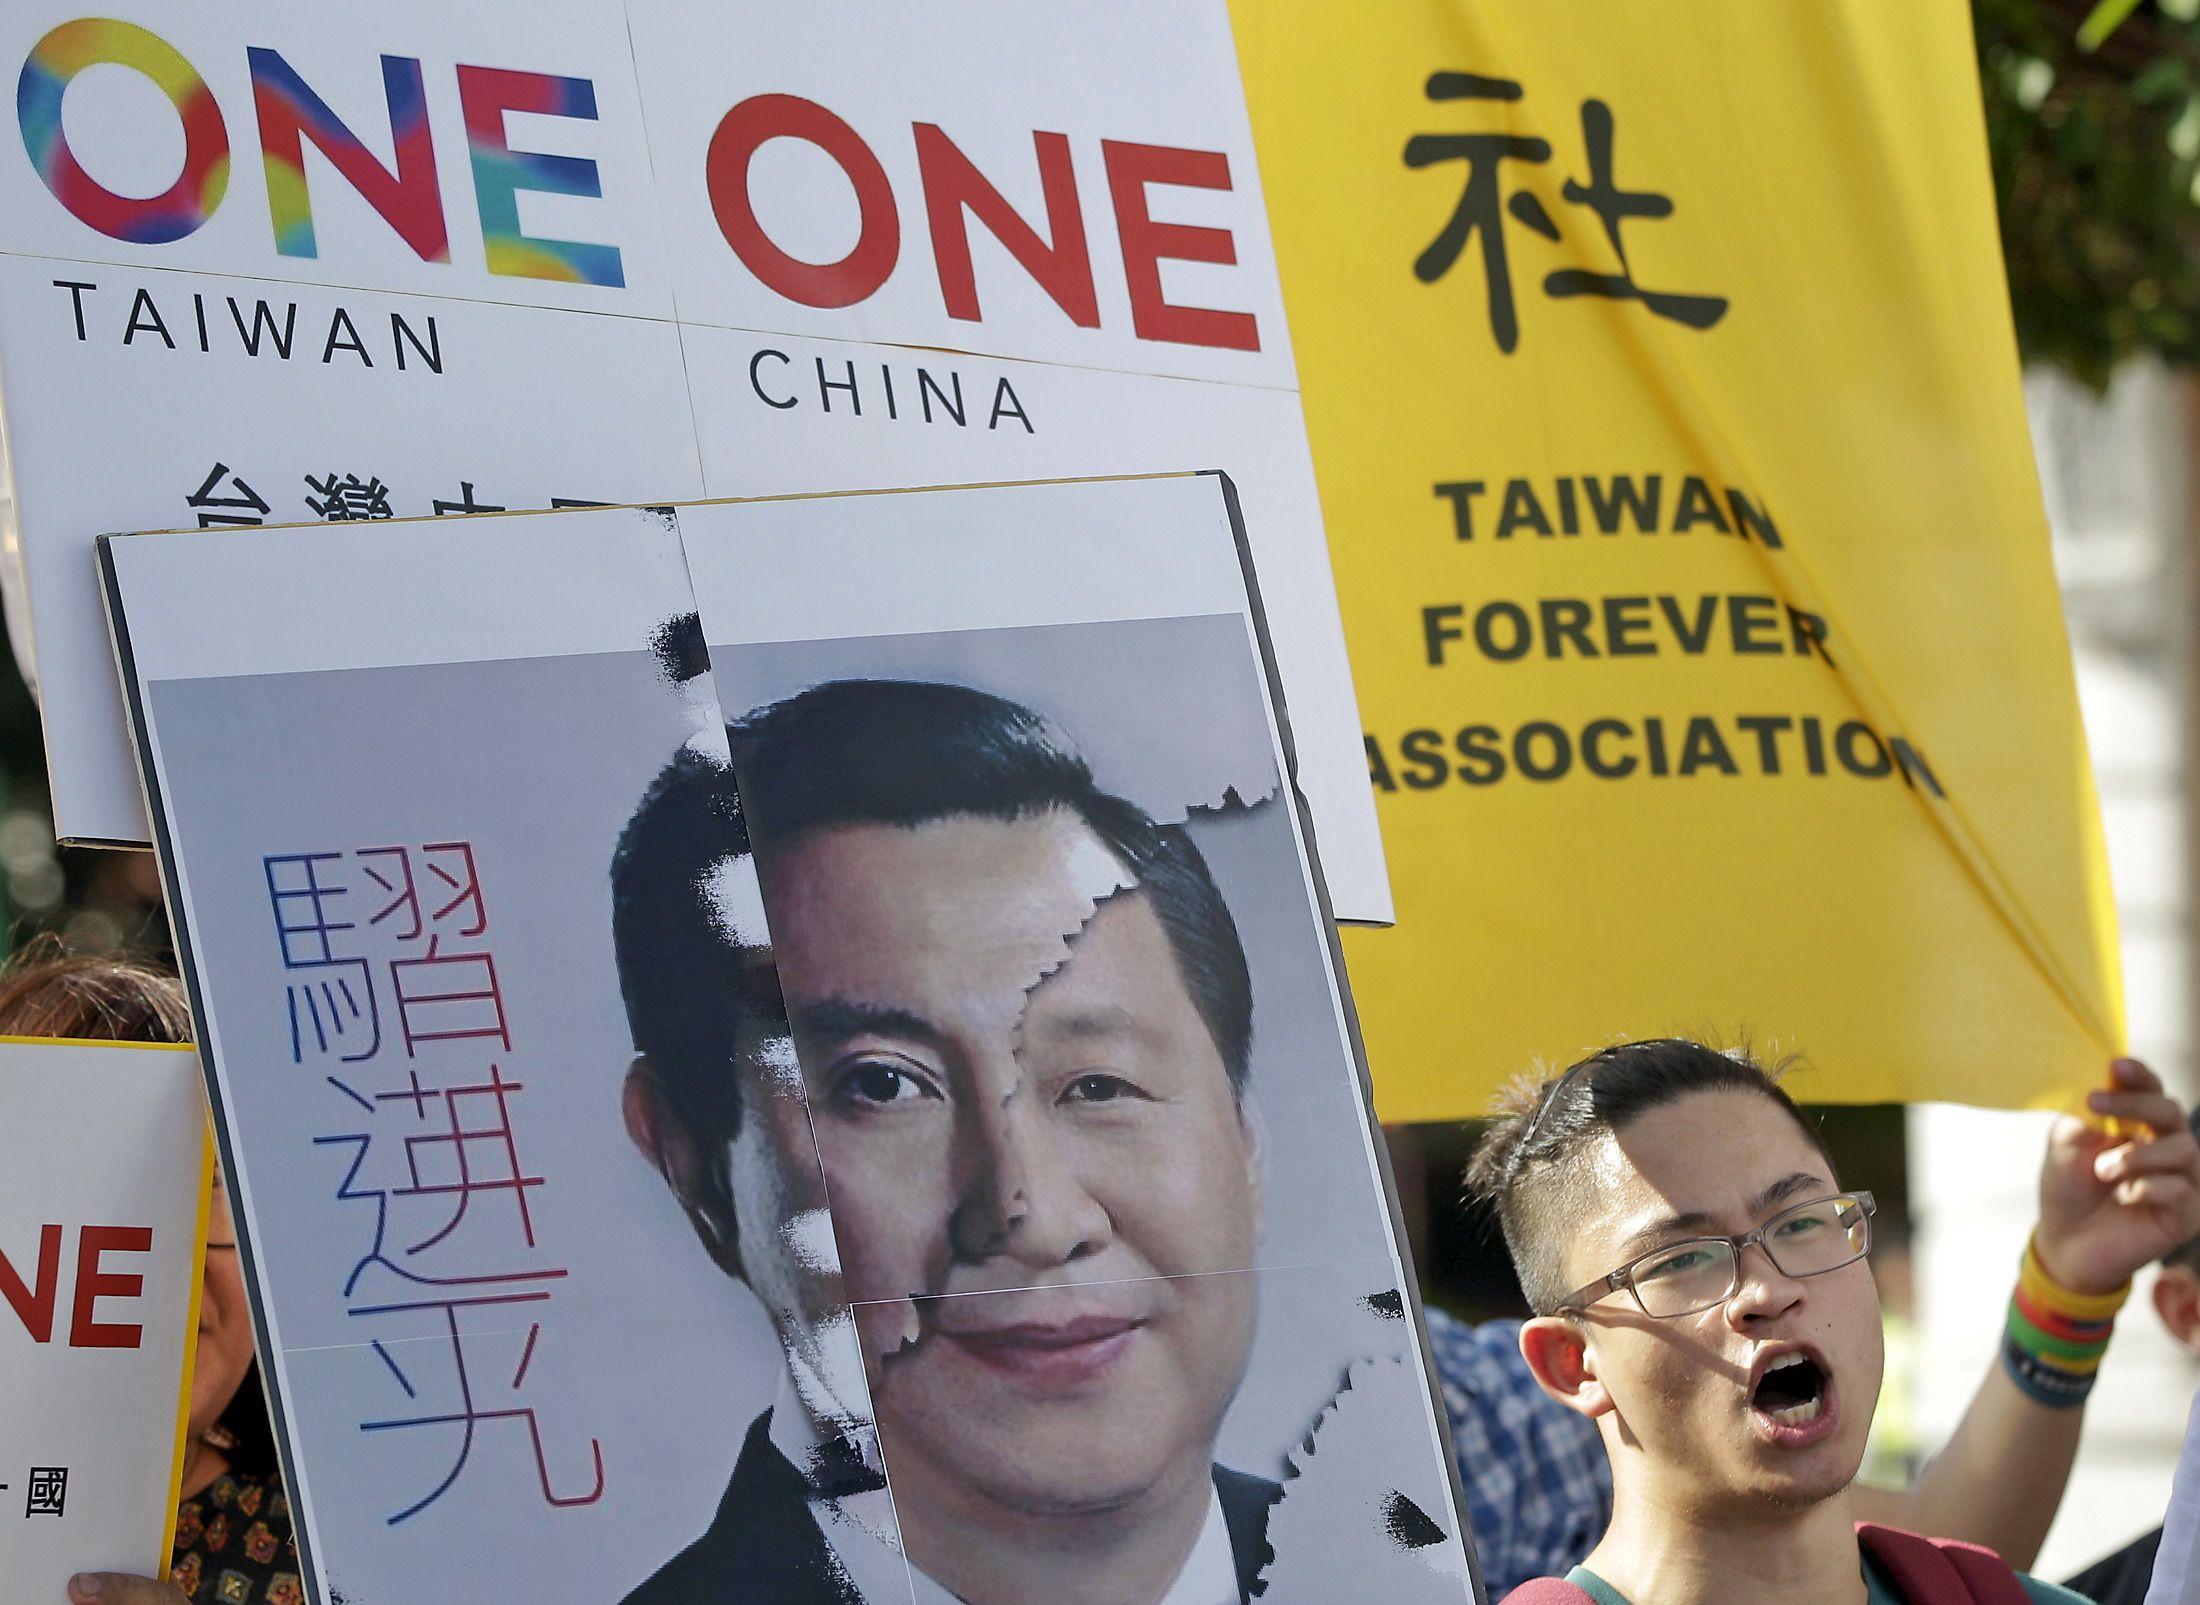 11_06_China_Taiwan_01